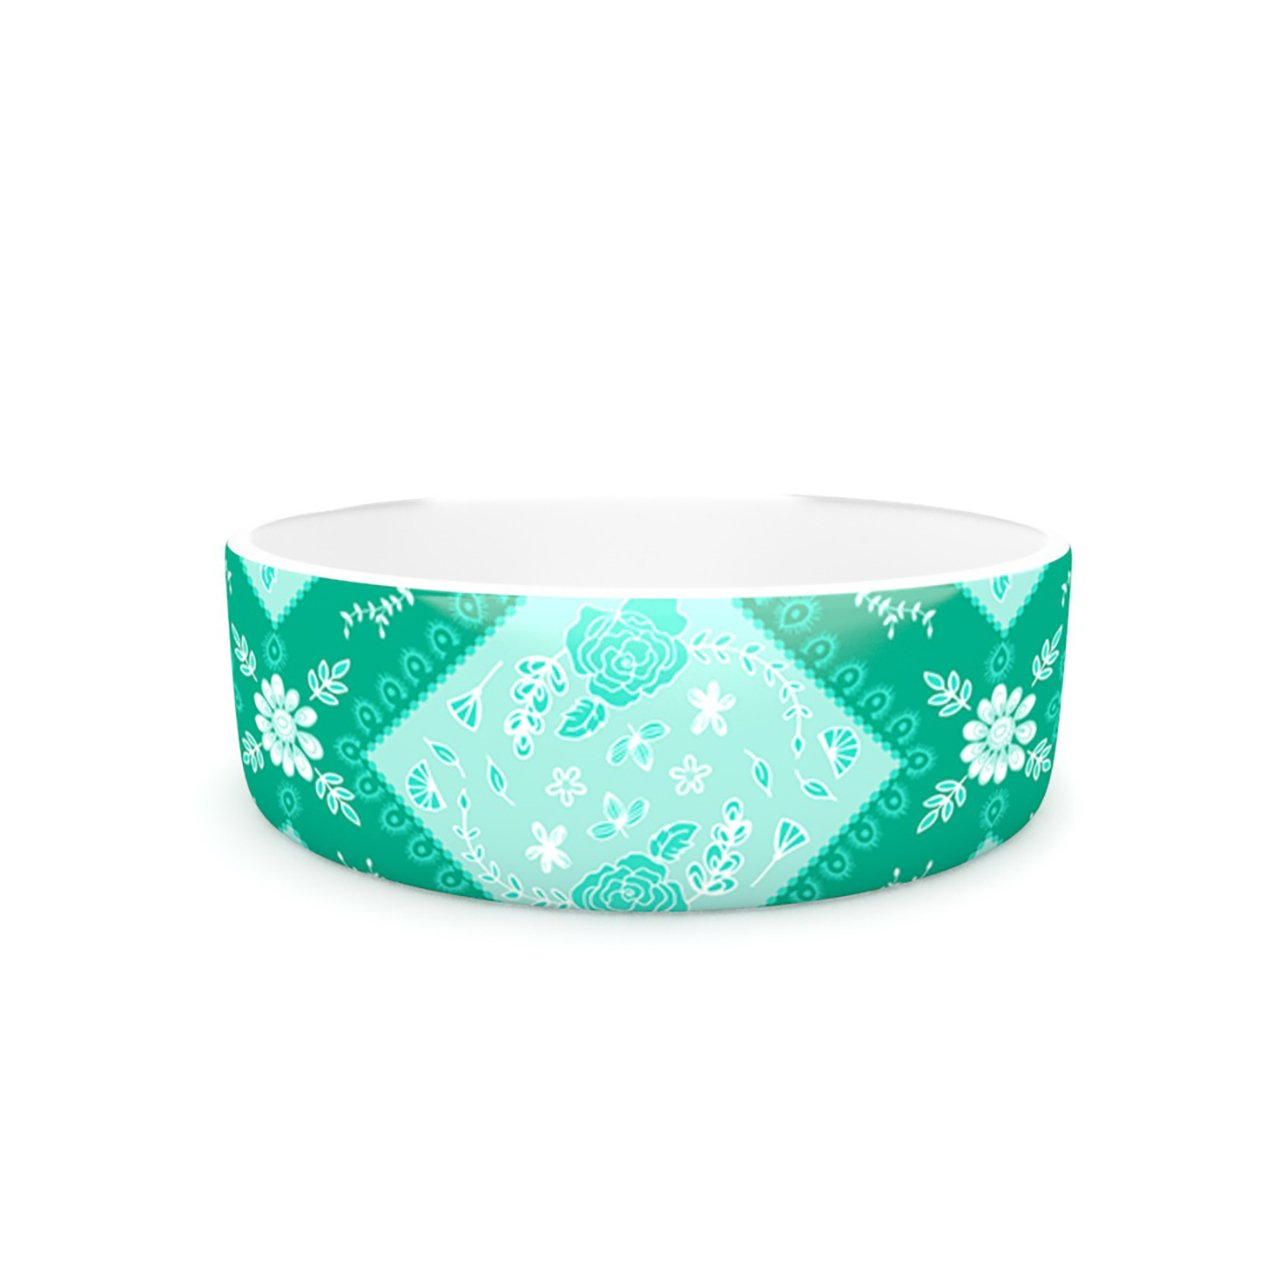 Kess InHouse Anneline Sophia Diamonds Mint  Pet Bowl, 7-Inch, Green Seafoam